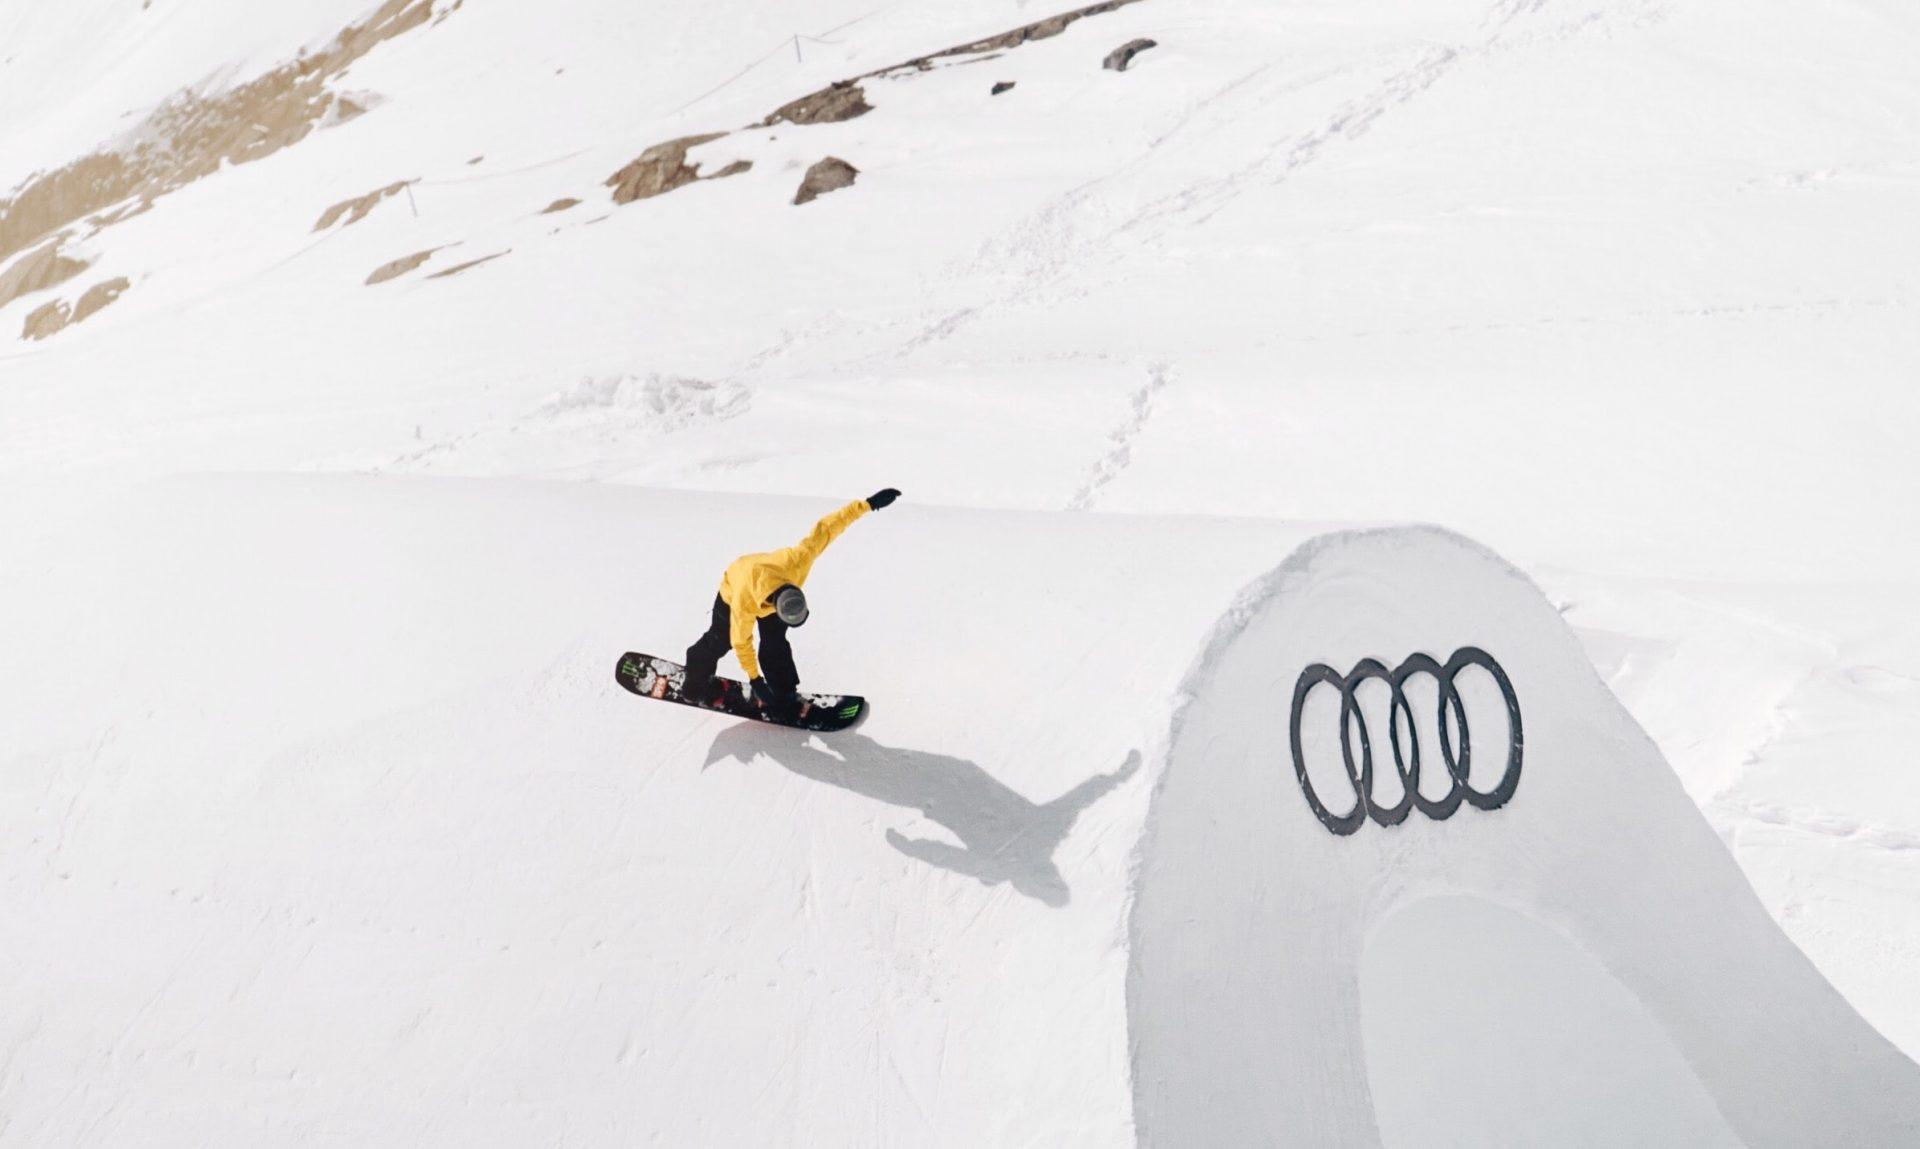 soelden-snowboarding